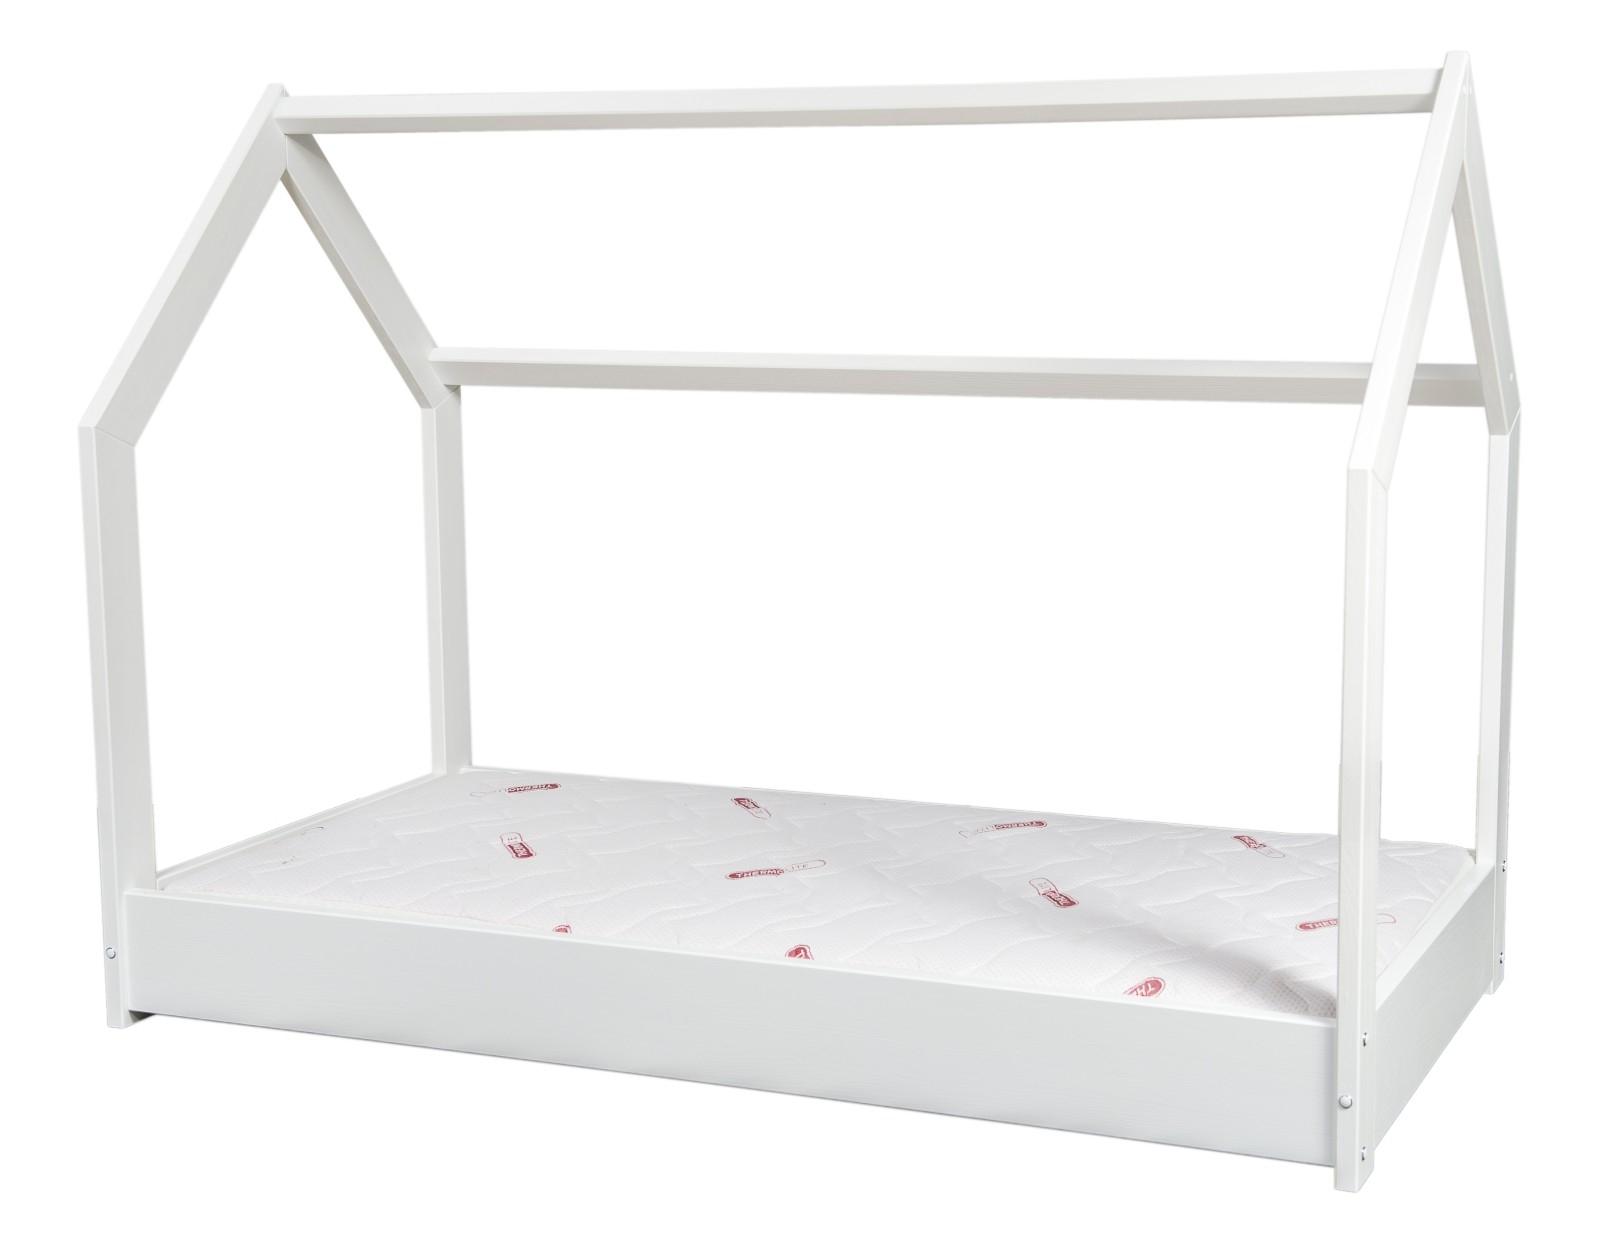 Kinderbett Mit Matratze Premium Hausbett Einzelbett Skandinavisches